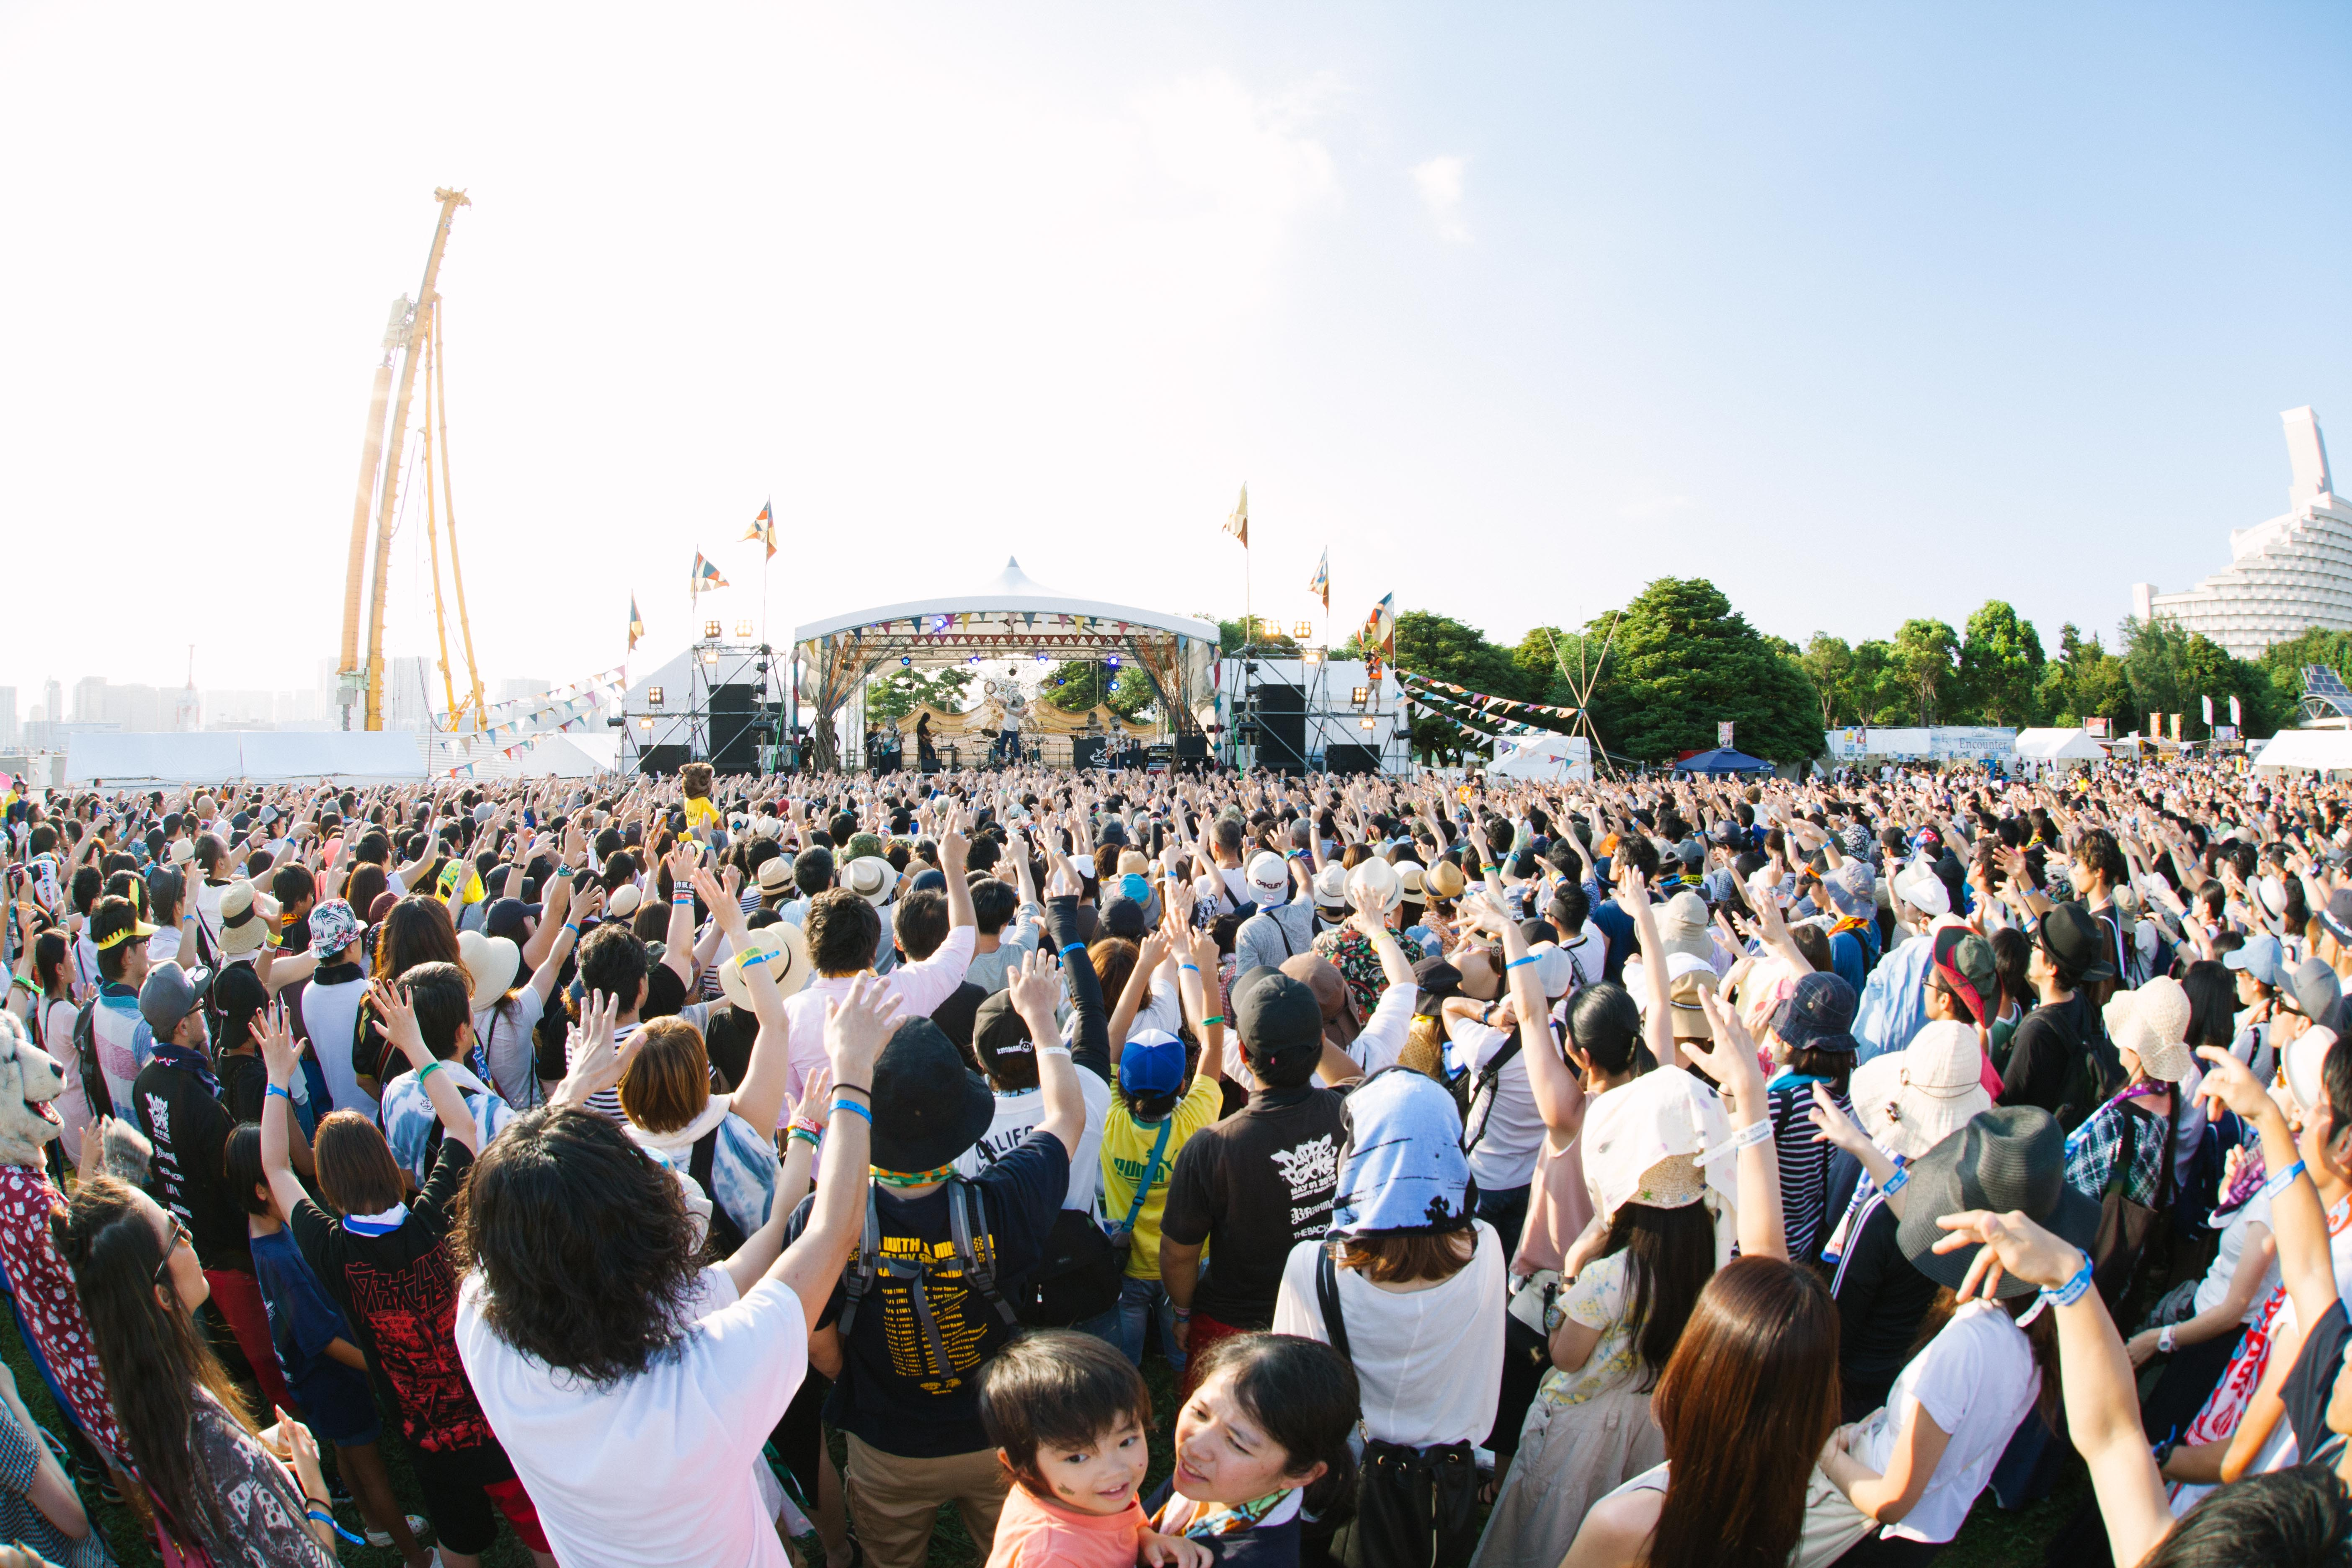 011盛り上がる音楽LIVE